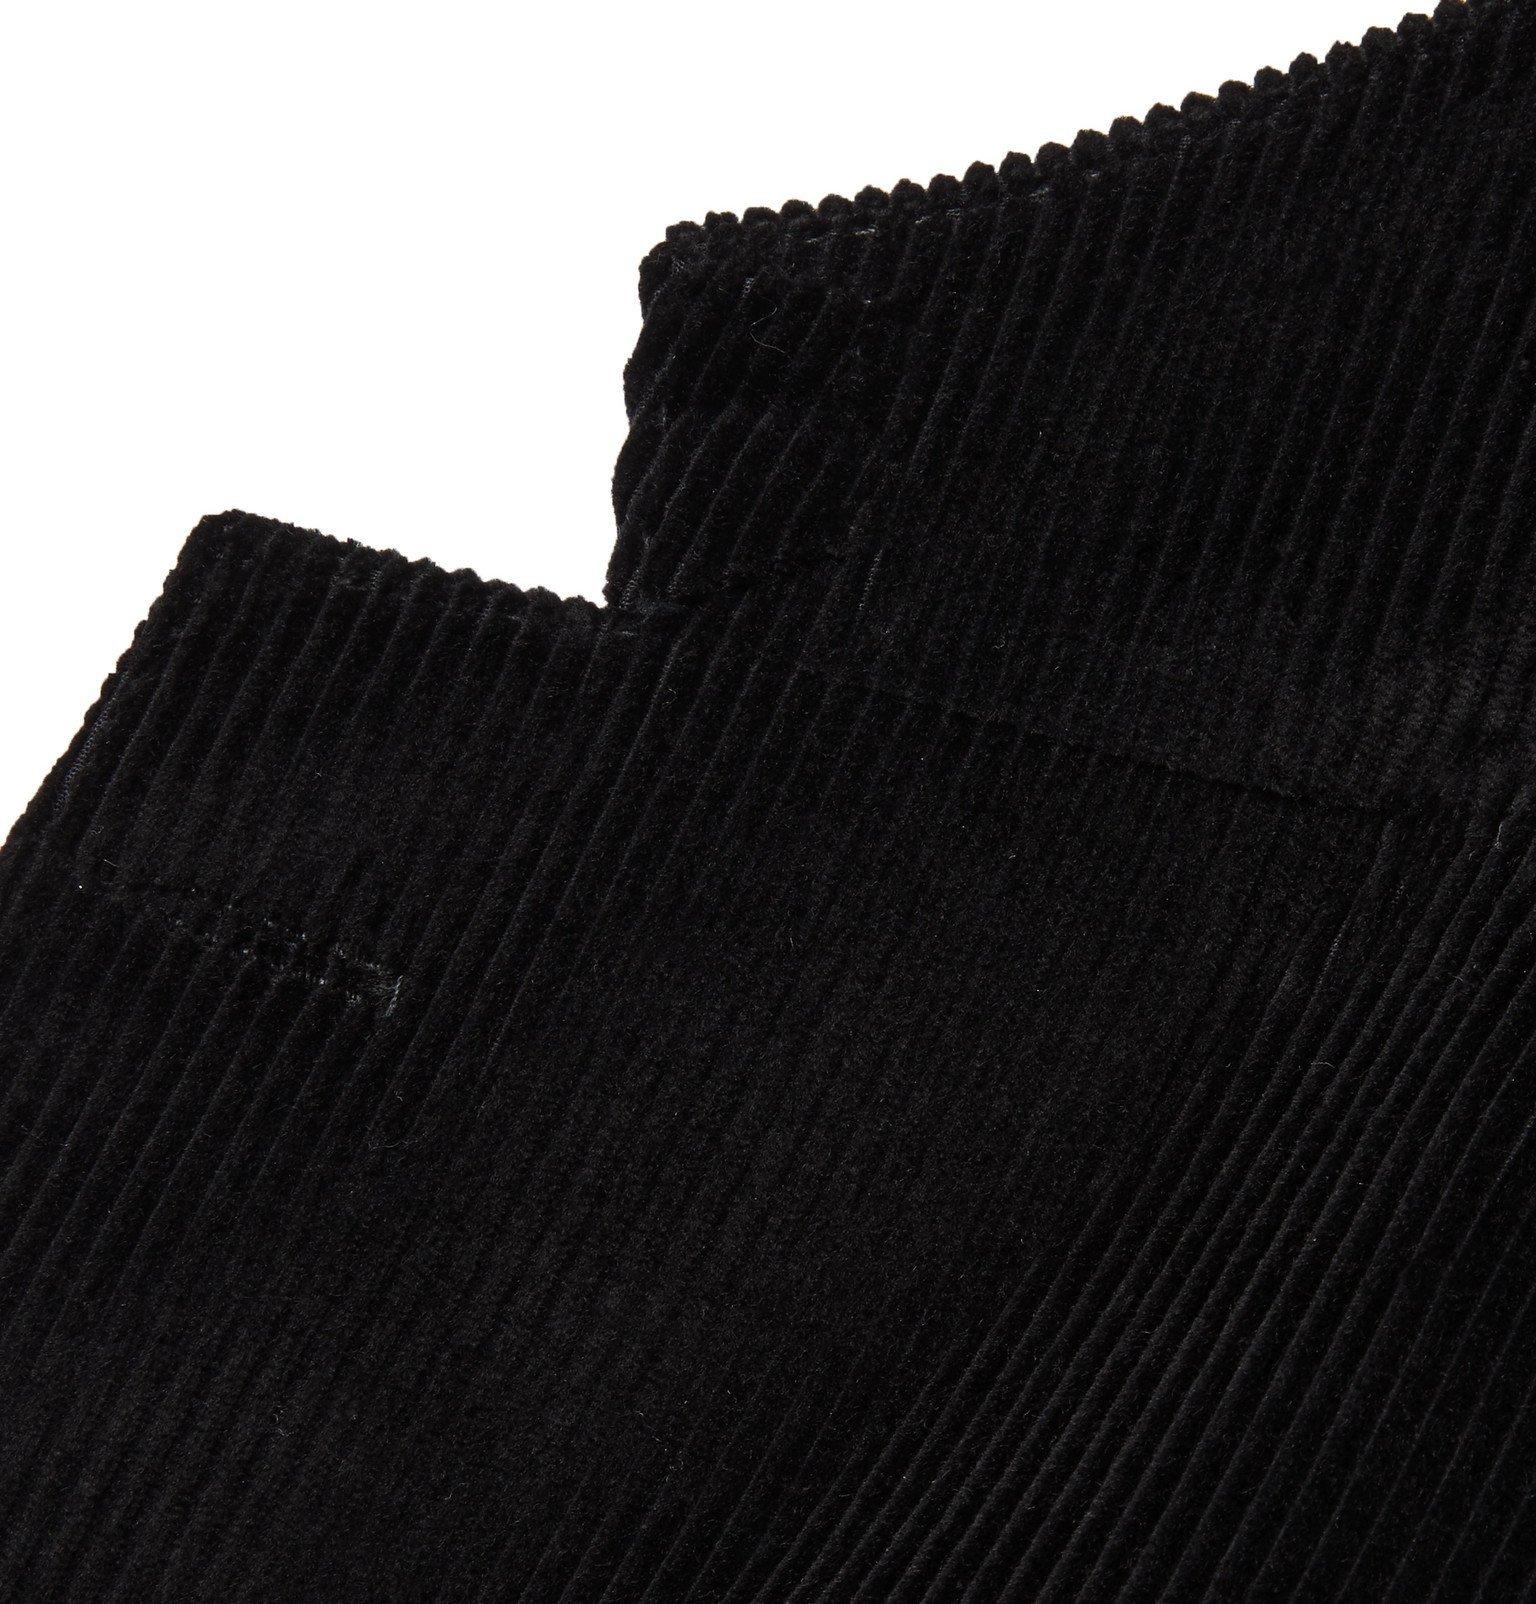 Tod's - Black Cotton-Velvet Suit Jacket - Black